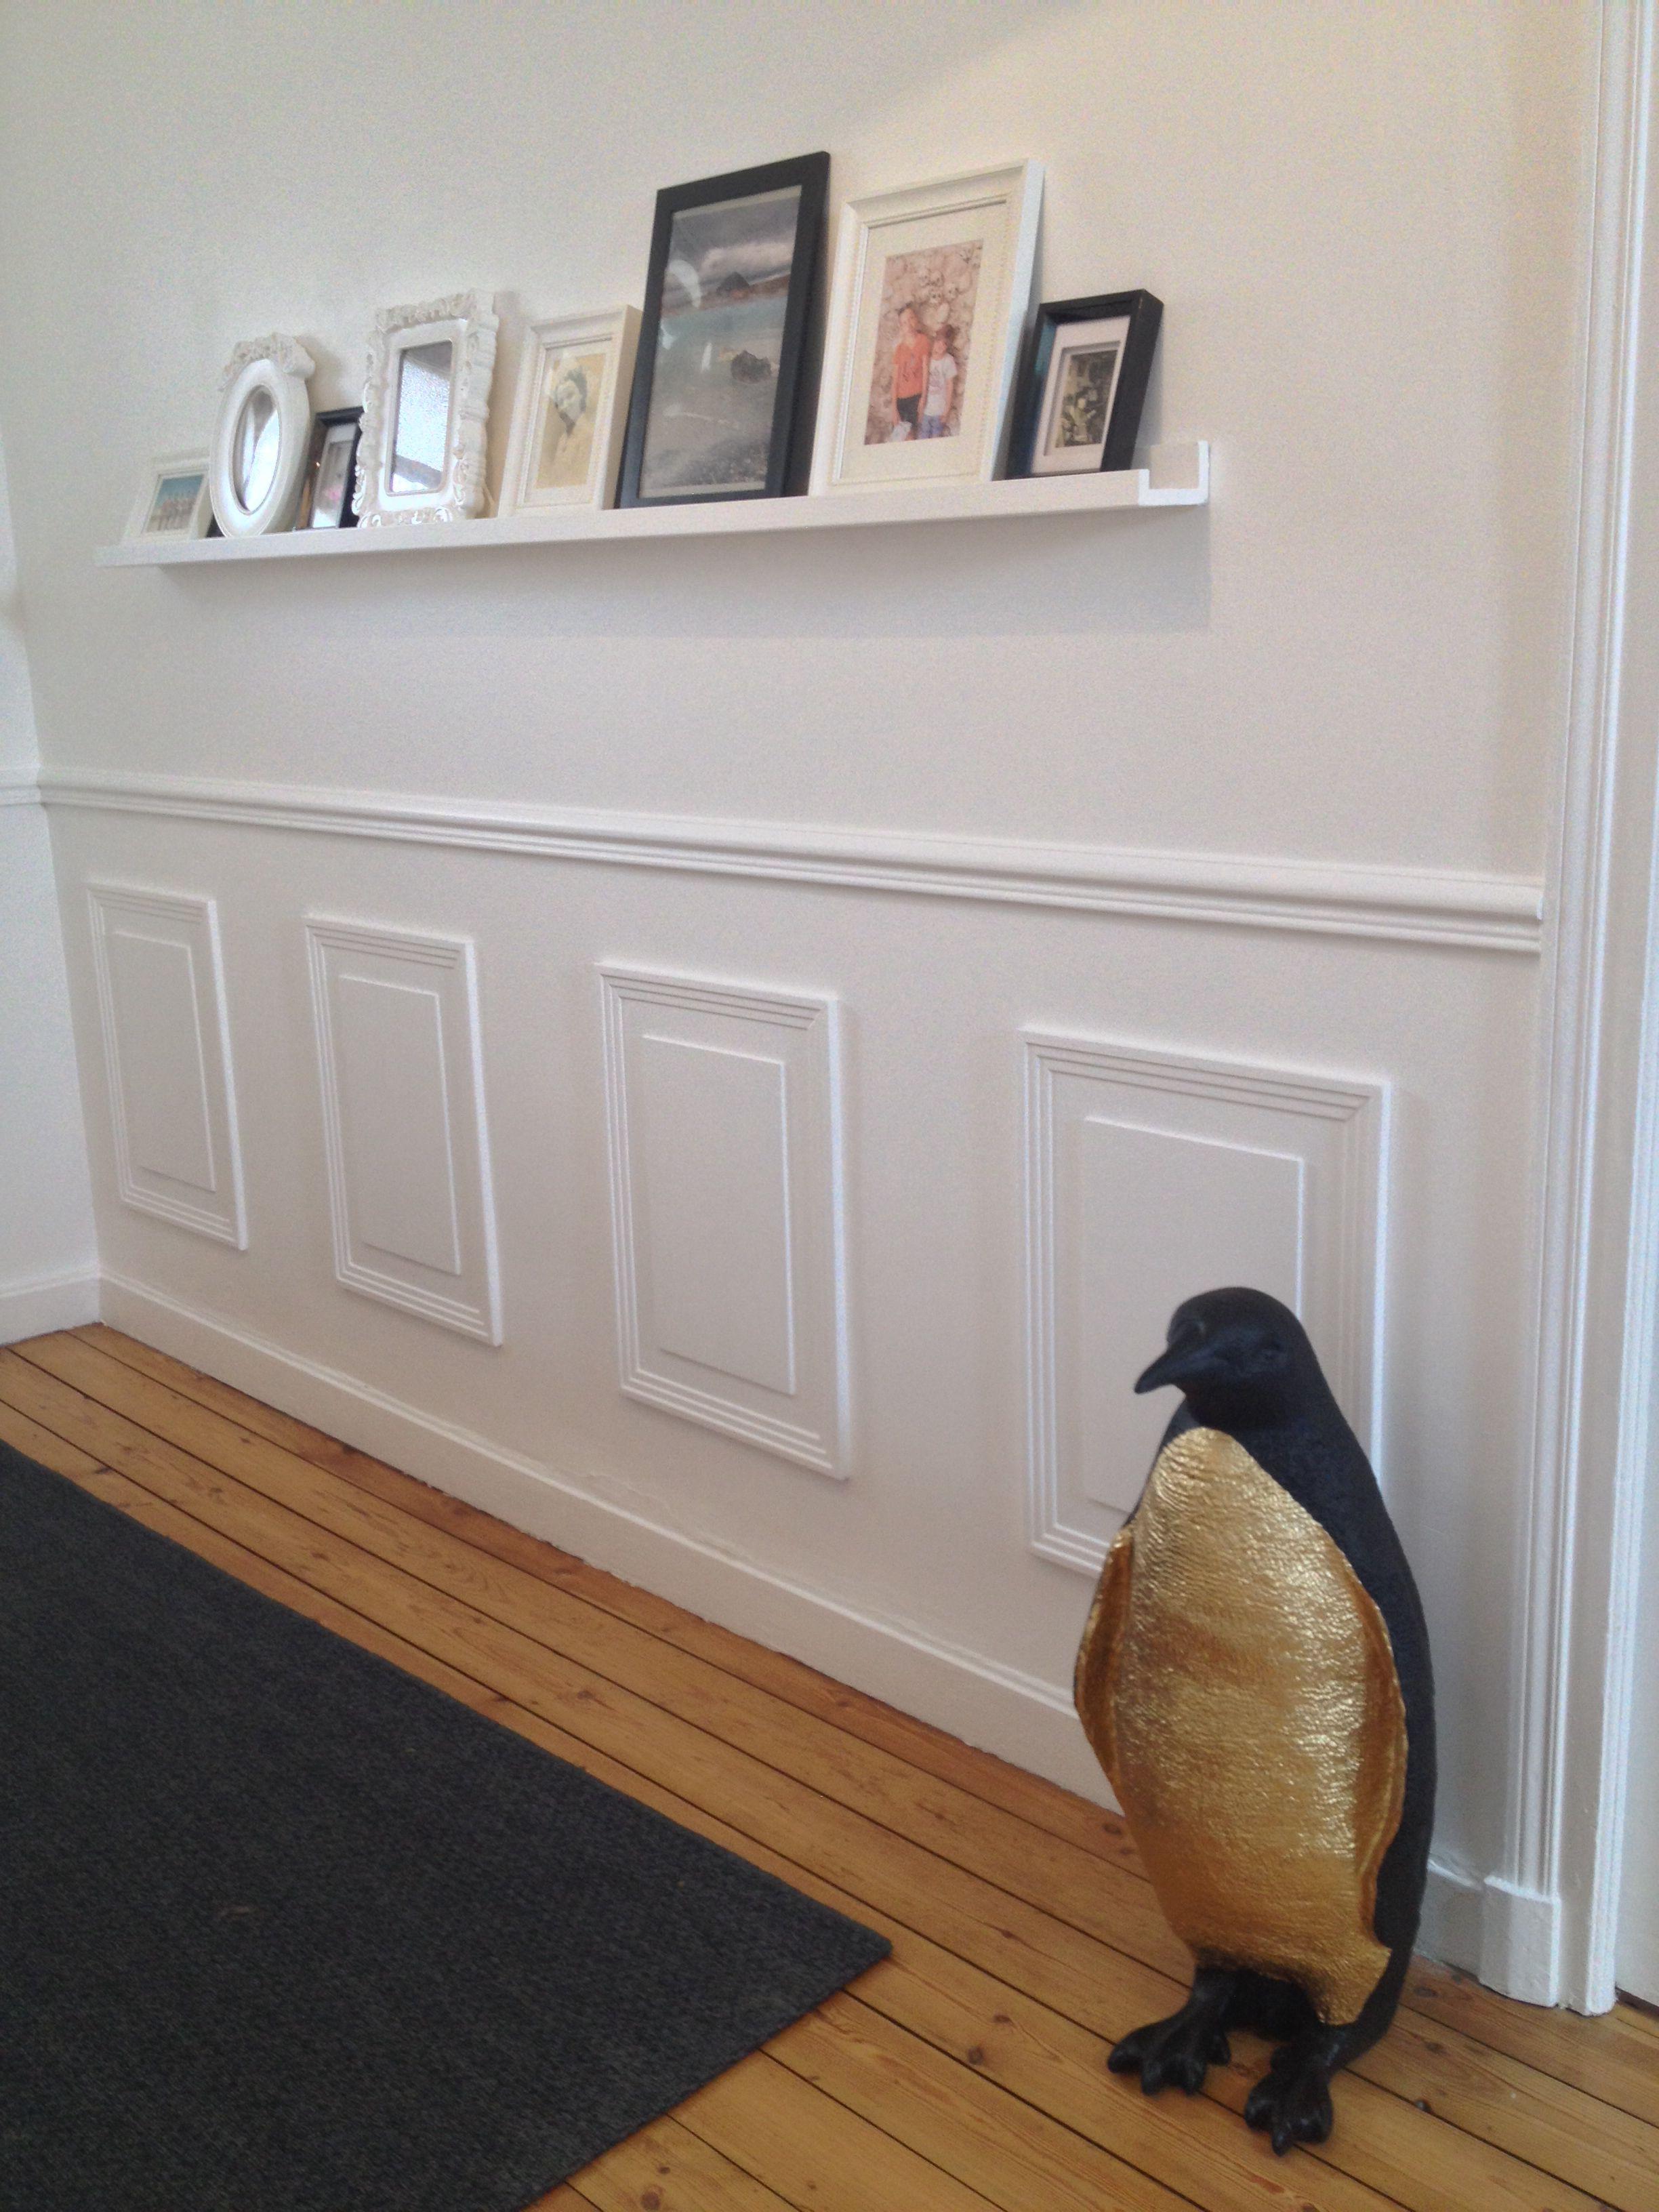 Epingle Par Bright Ideas Sur Entree Maison Escalier Deco Maison Deco Mur Decoration Interieure